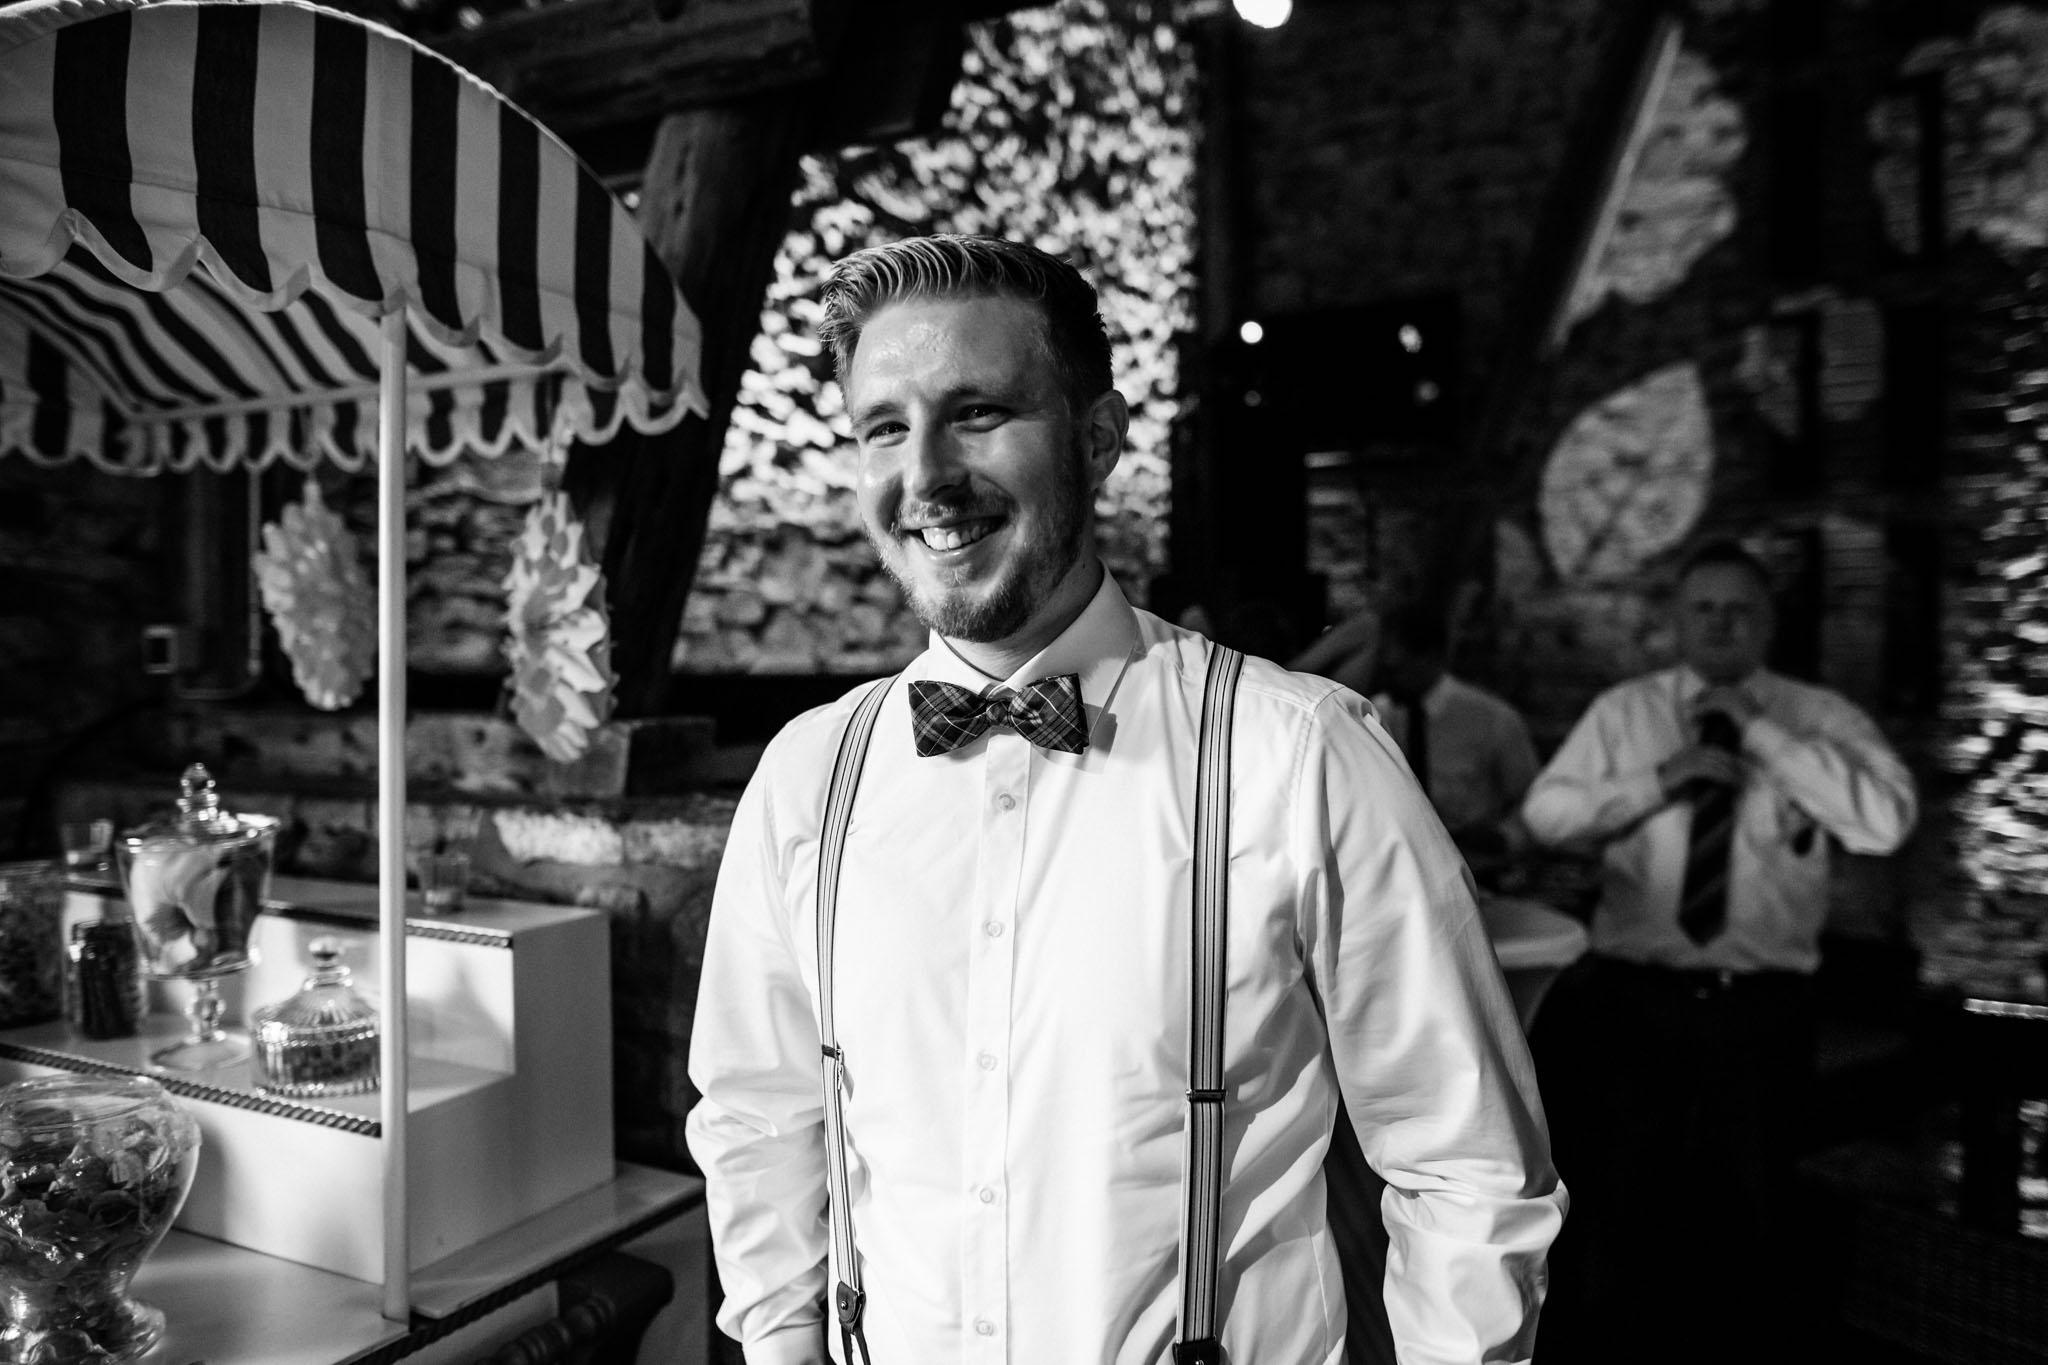 Hochzeit auf Hof Steffen in Bielefeld - Fotograf Hof Steffe